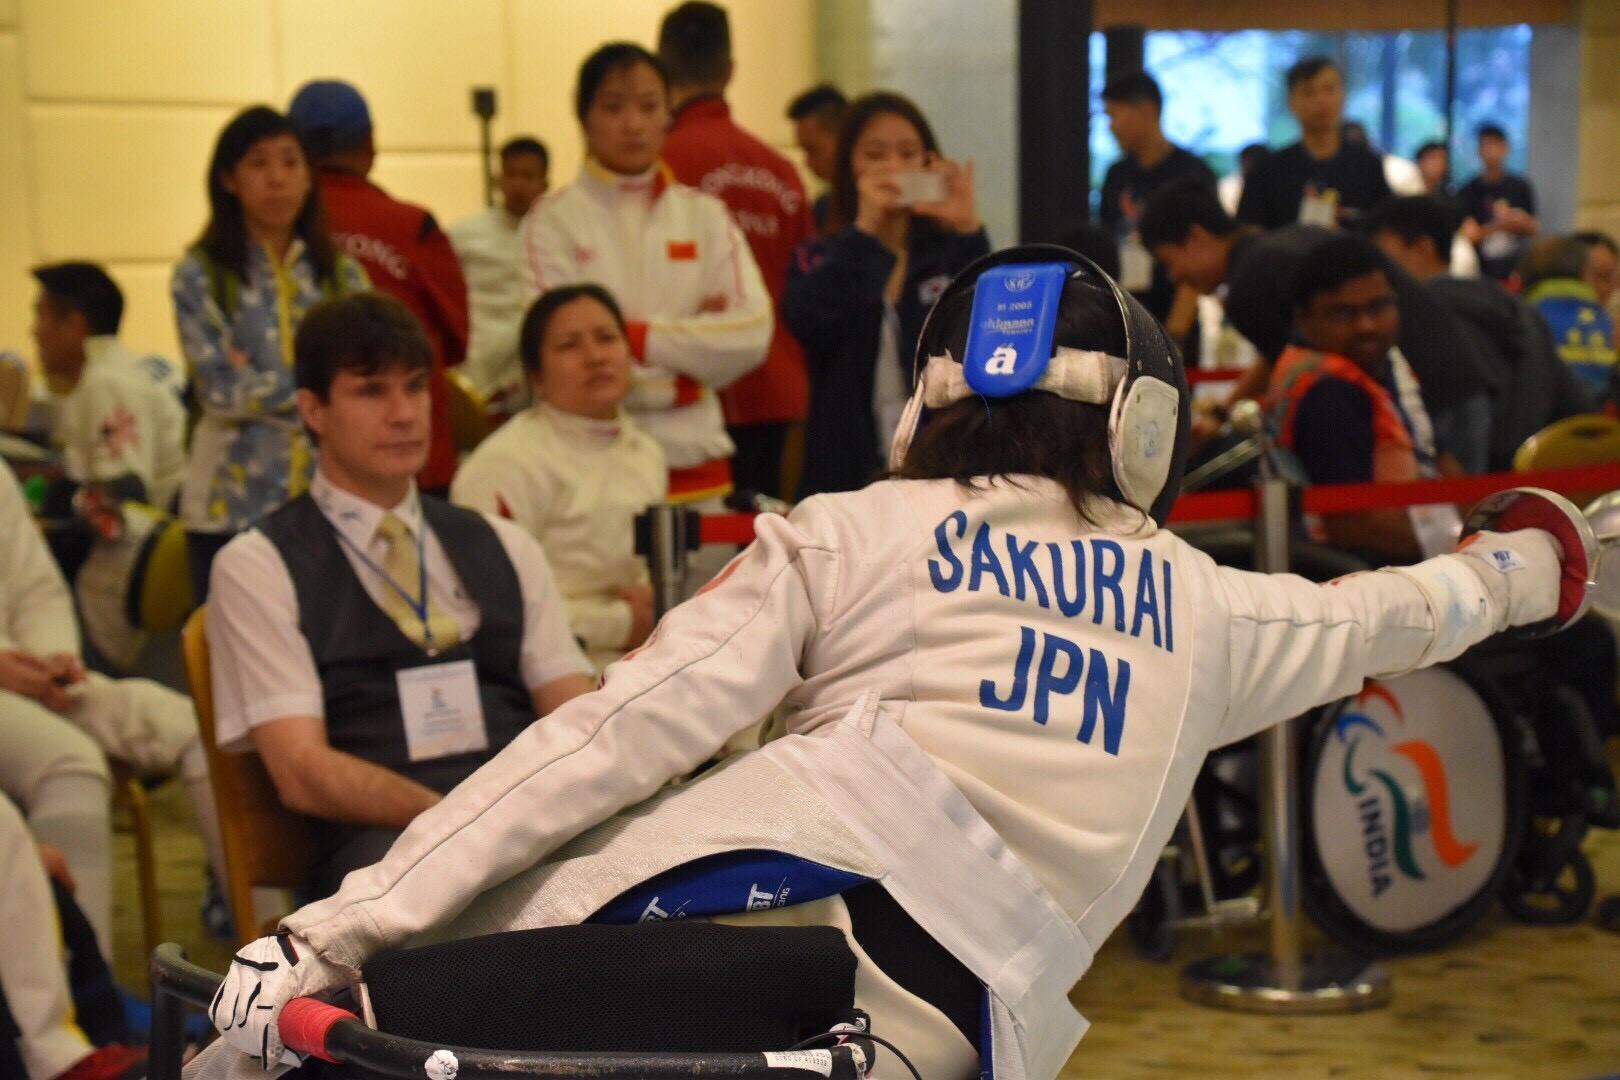 [車いすフェンシング、日本から世界へ!日本発メダリストを育成。]の画像